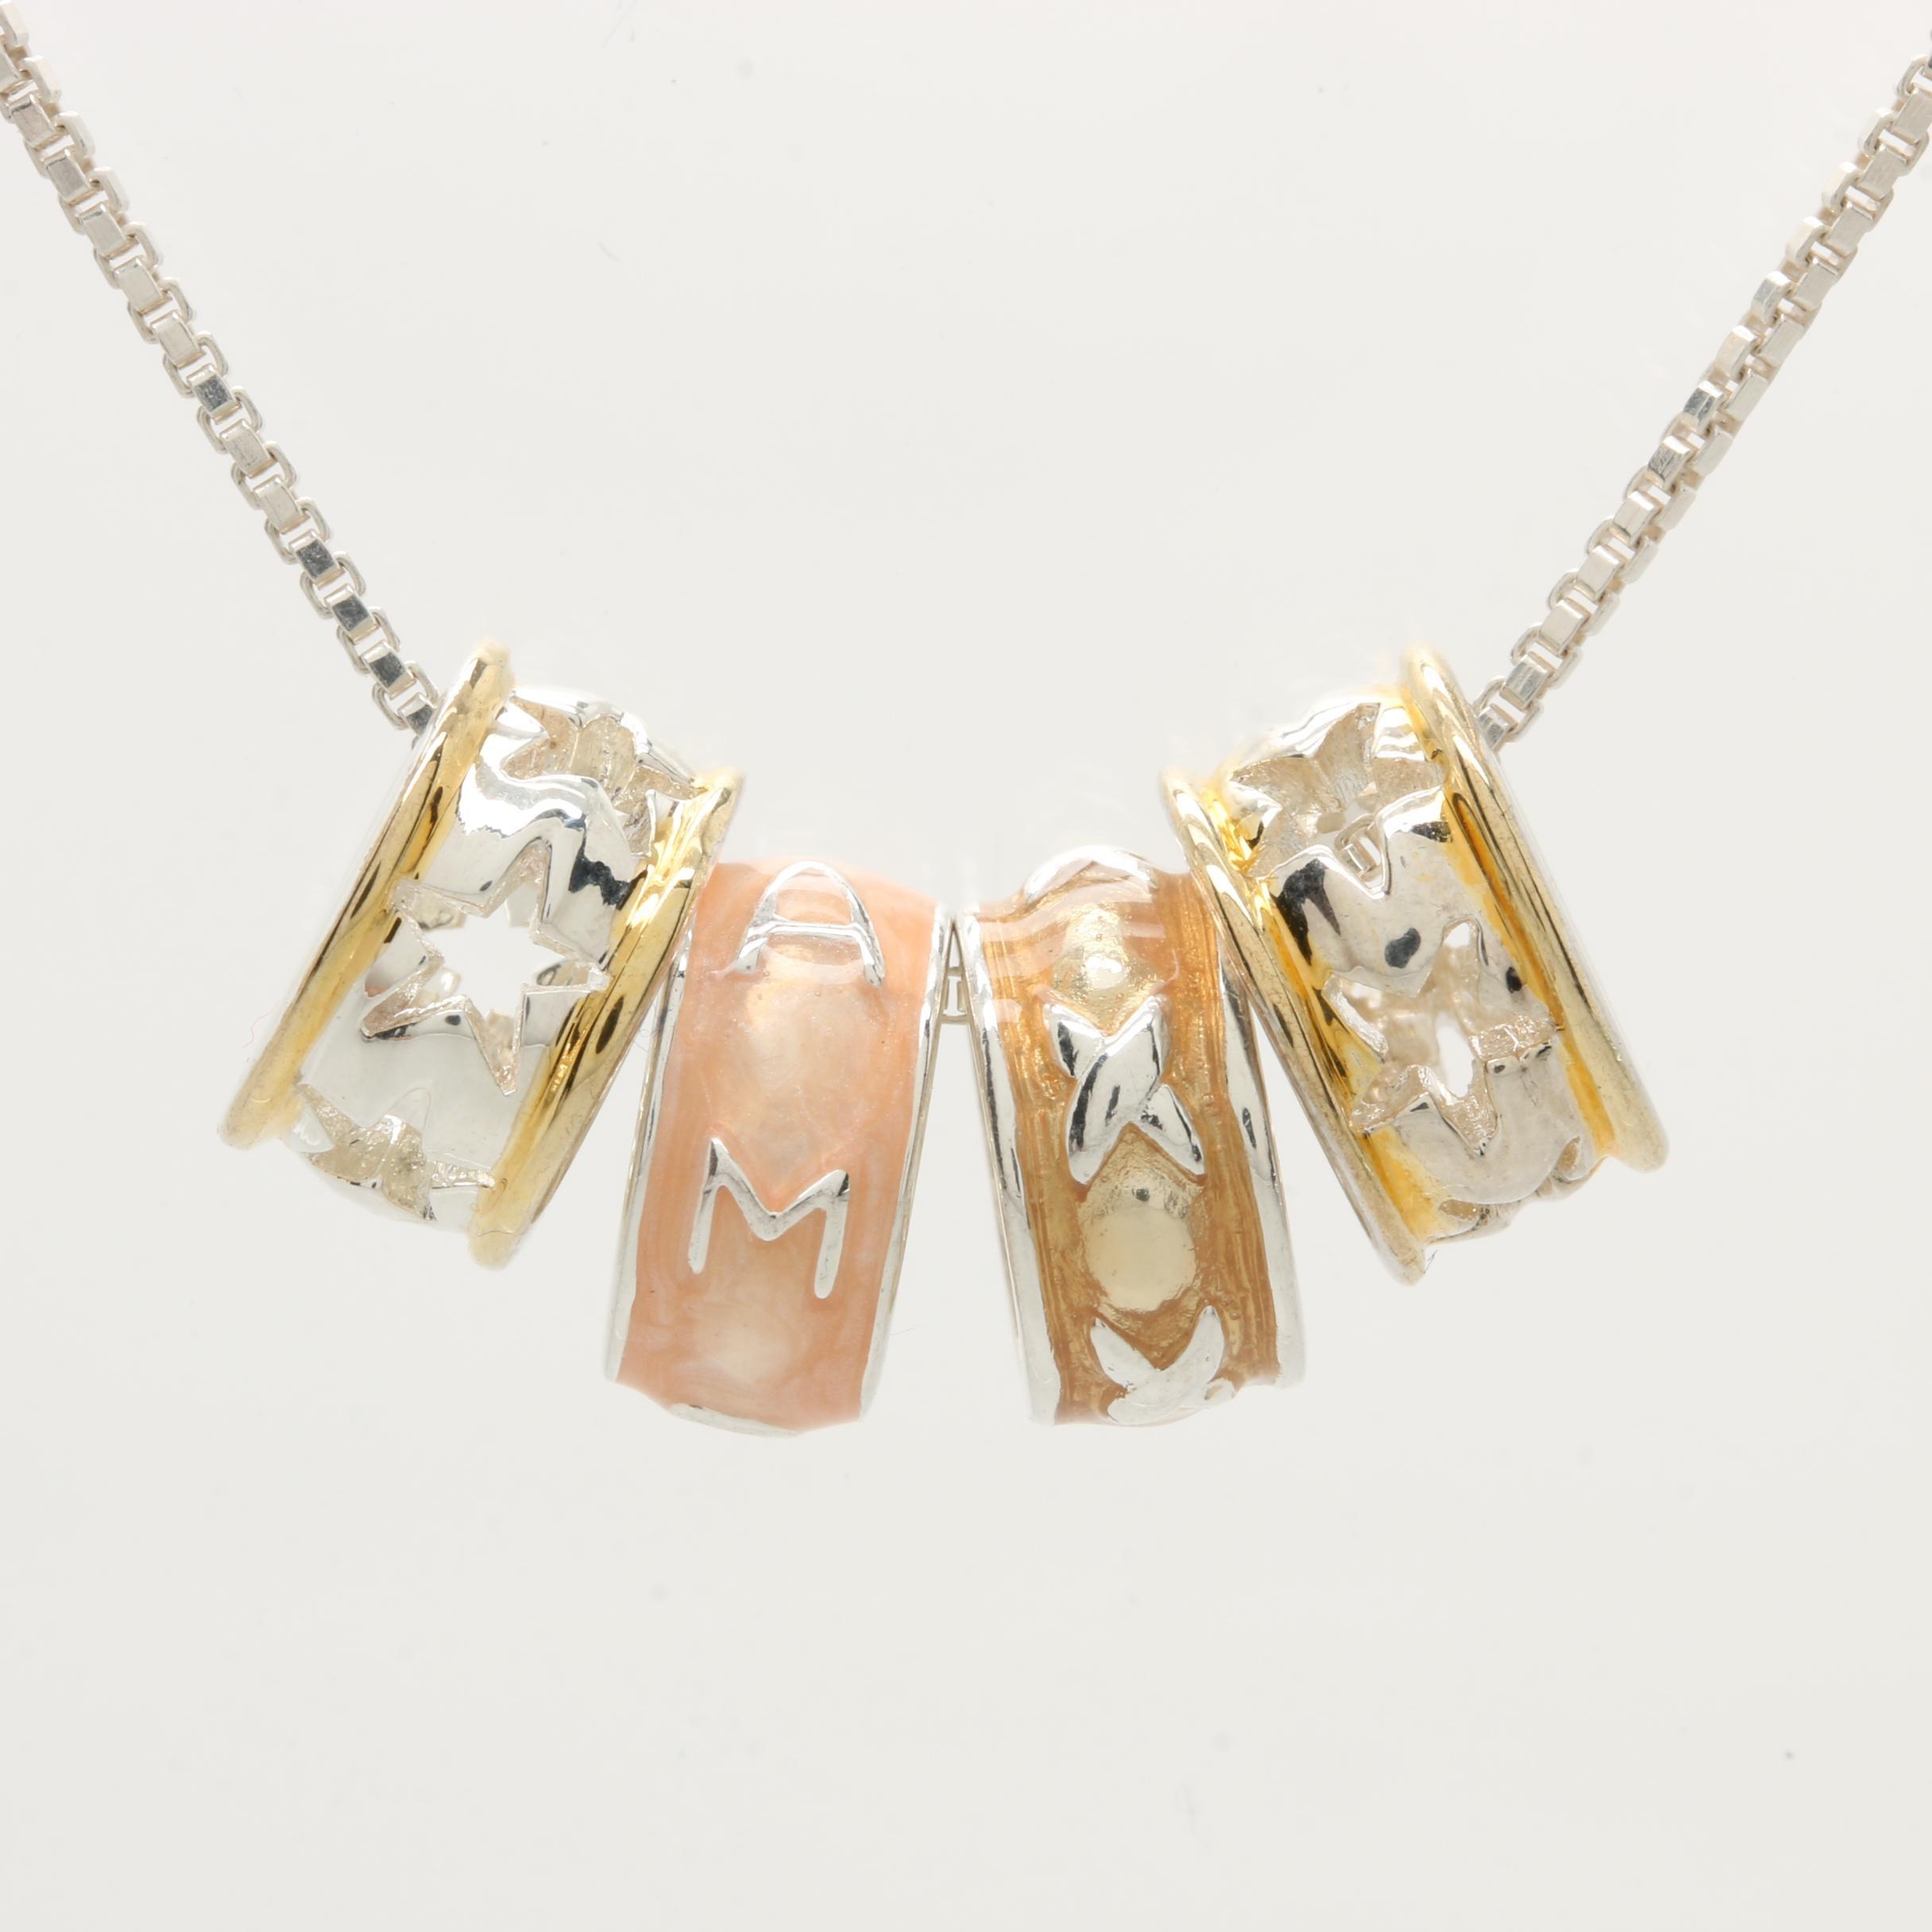 Sterling Silver Enamel Slide Charm Necklace